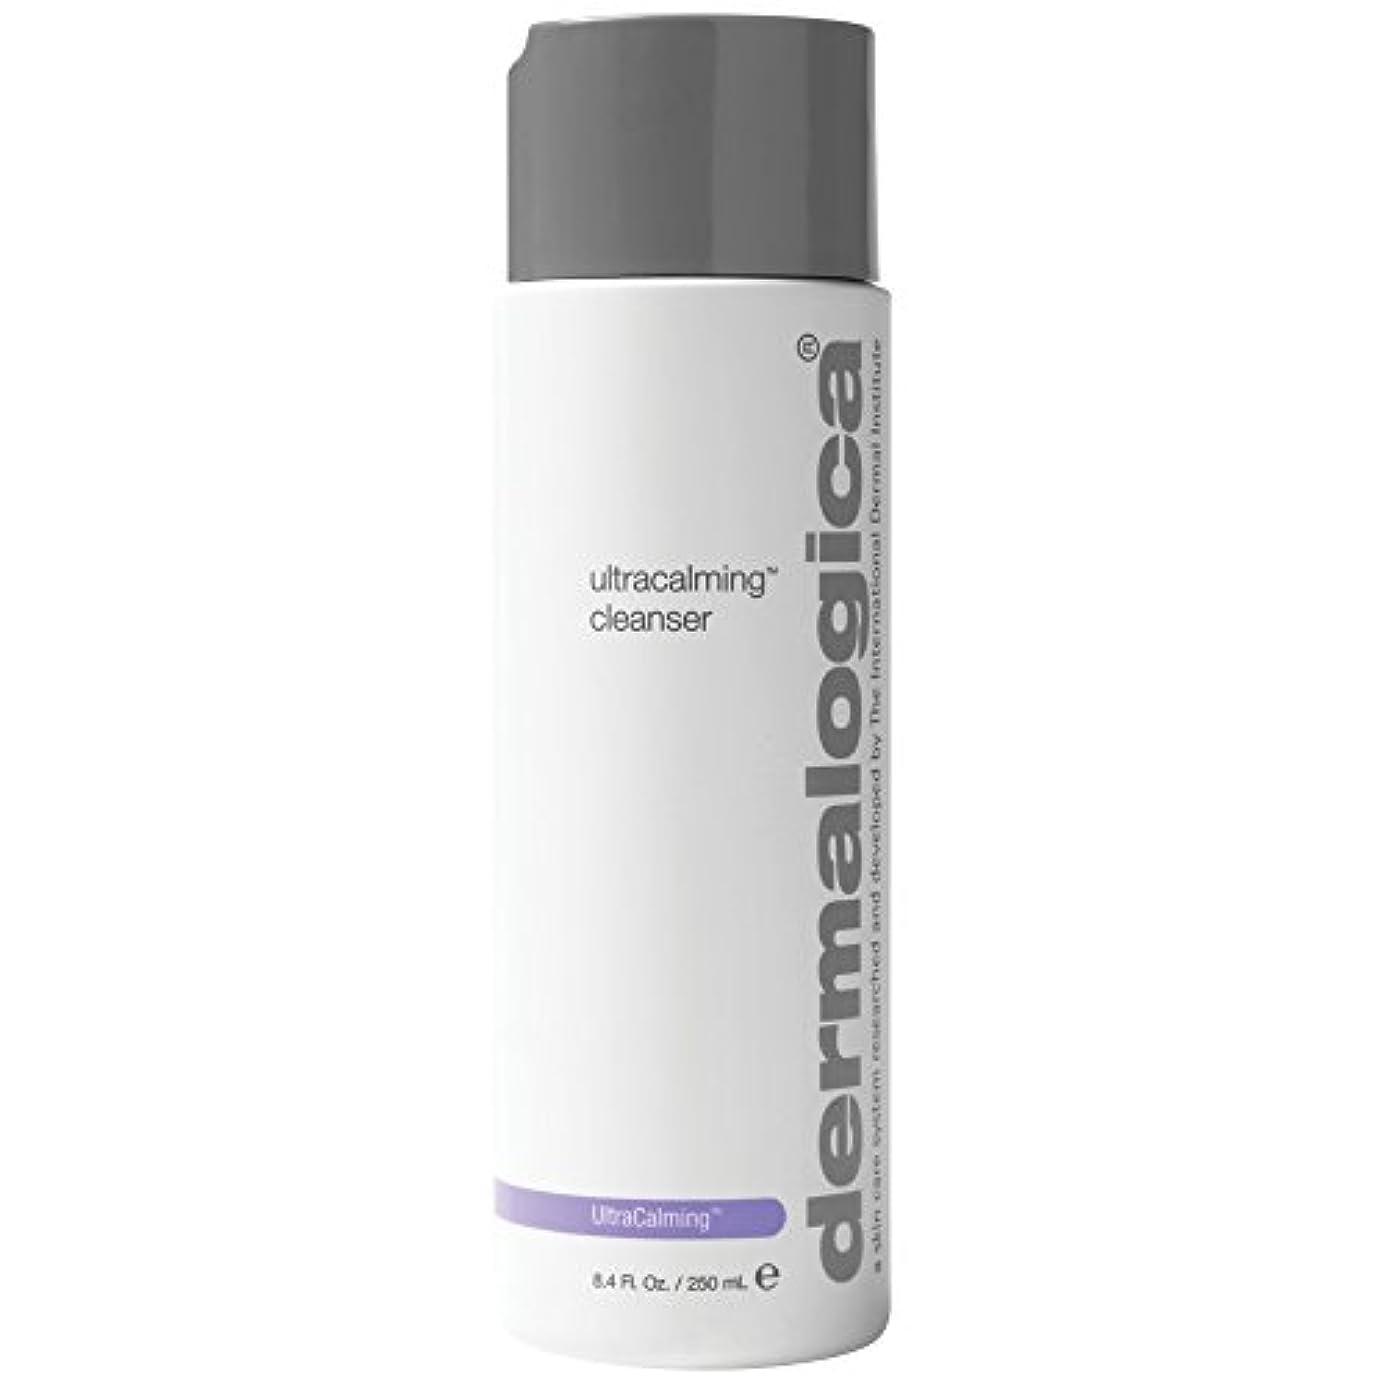 ピュー暗殺者ダーマロジカUltracalming?クレンザーの250ミリリットル (Dermalogica) (x6) - Dermalogica UltraCalming? Cleanser 250ml (Pack of 6) [...